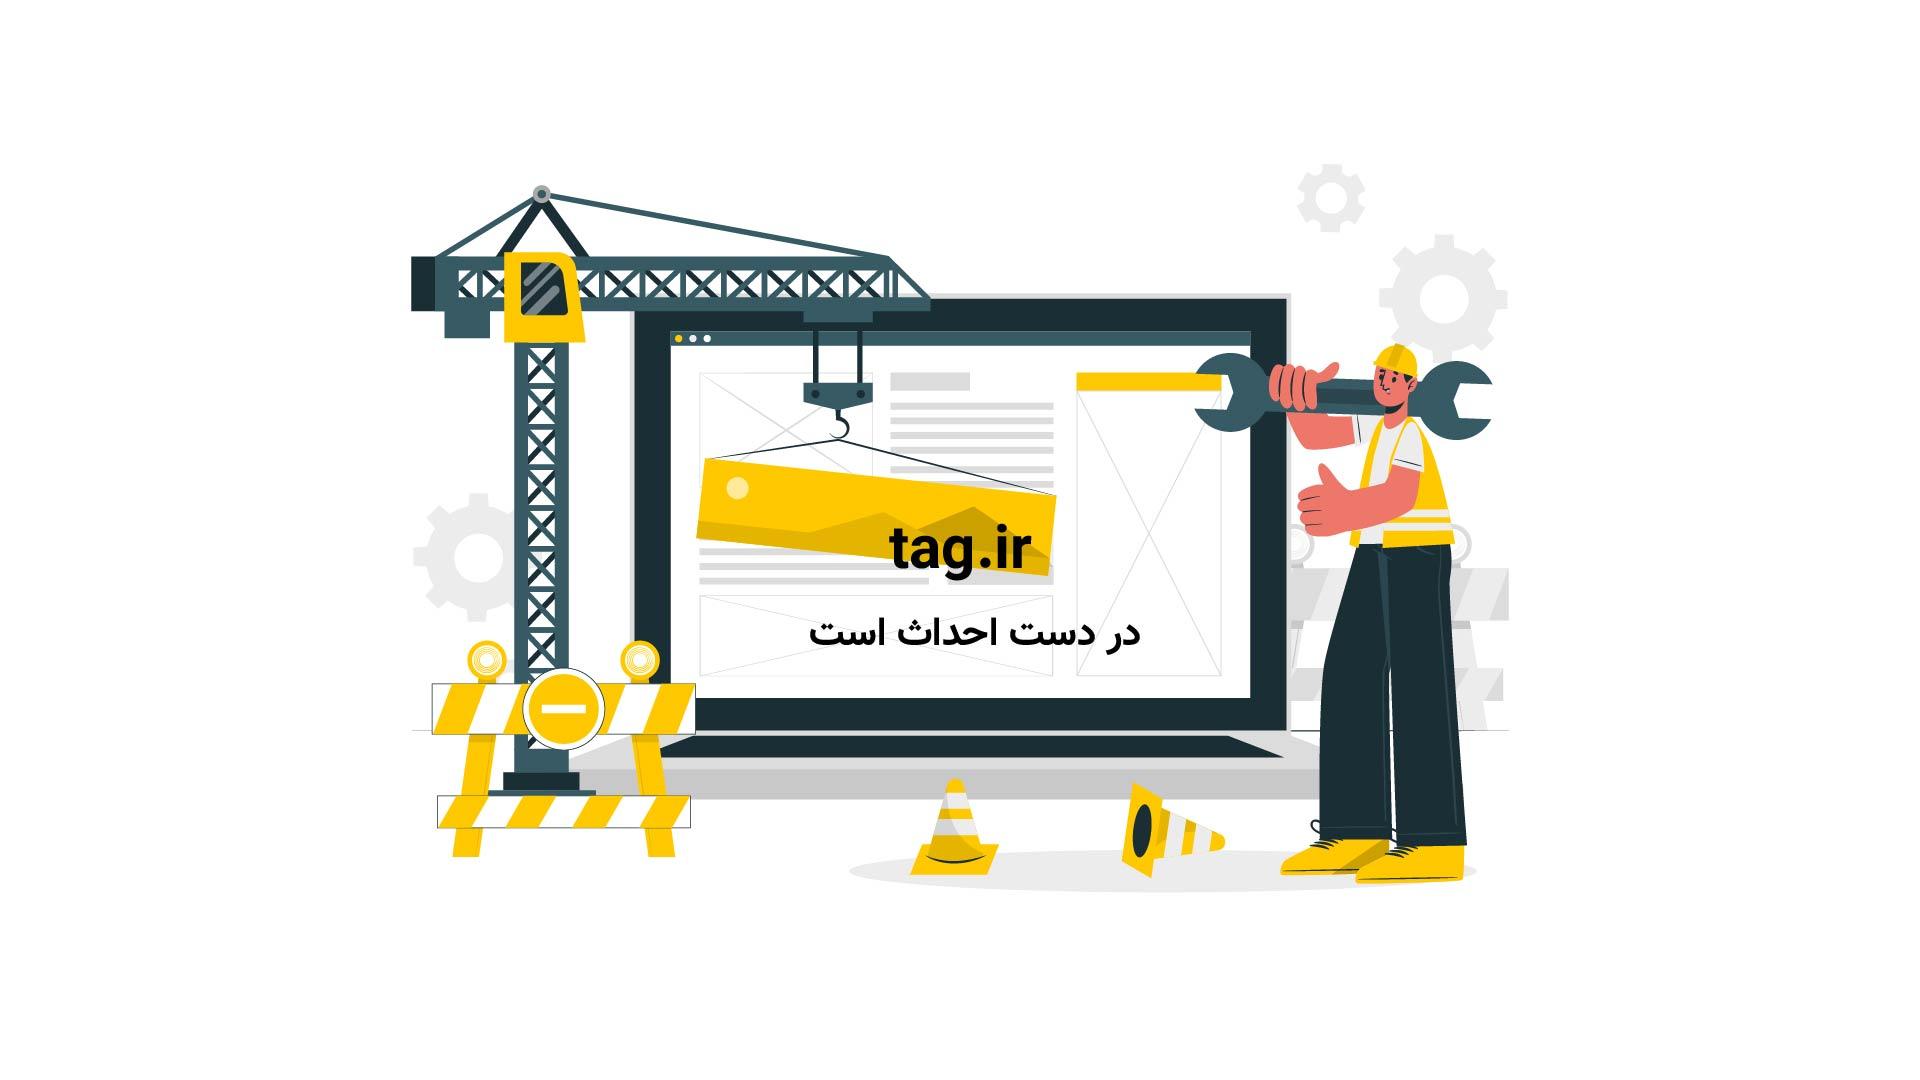 سخنرانی های تد؛ ارتباط ایده های ارزشمند در سرتاسر دنیا | فیلم